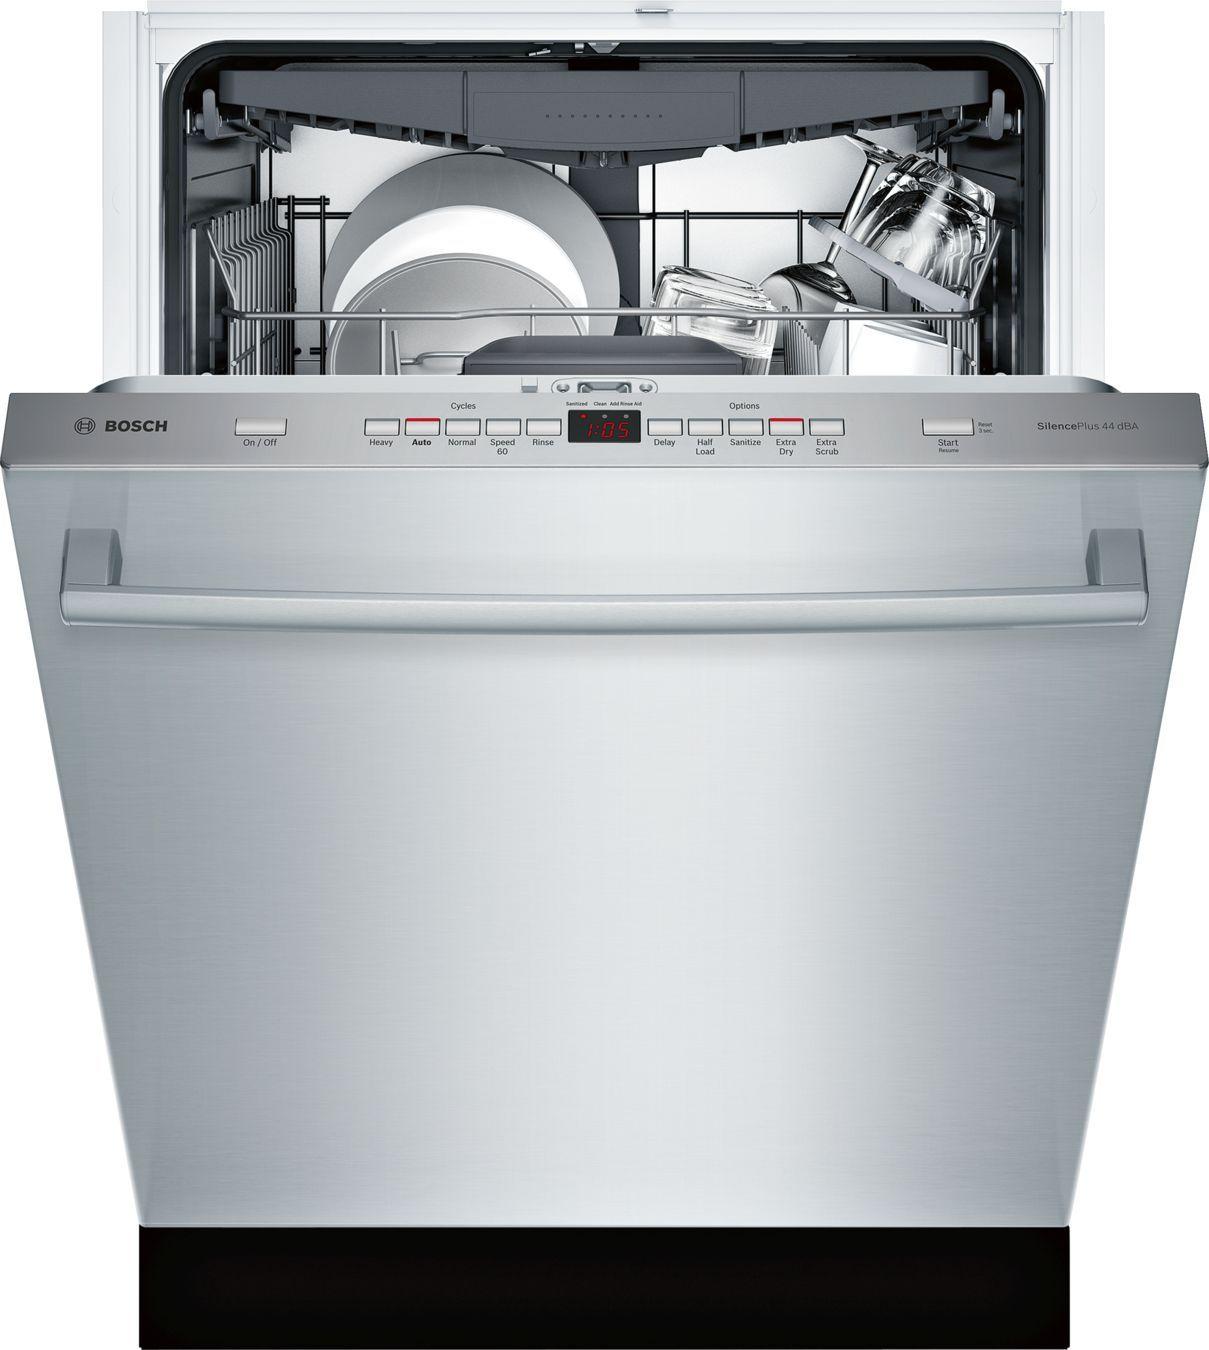 BOSCH SHX863WD5N Dishwasher Steel tub, Integrated